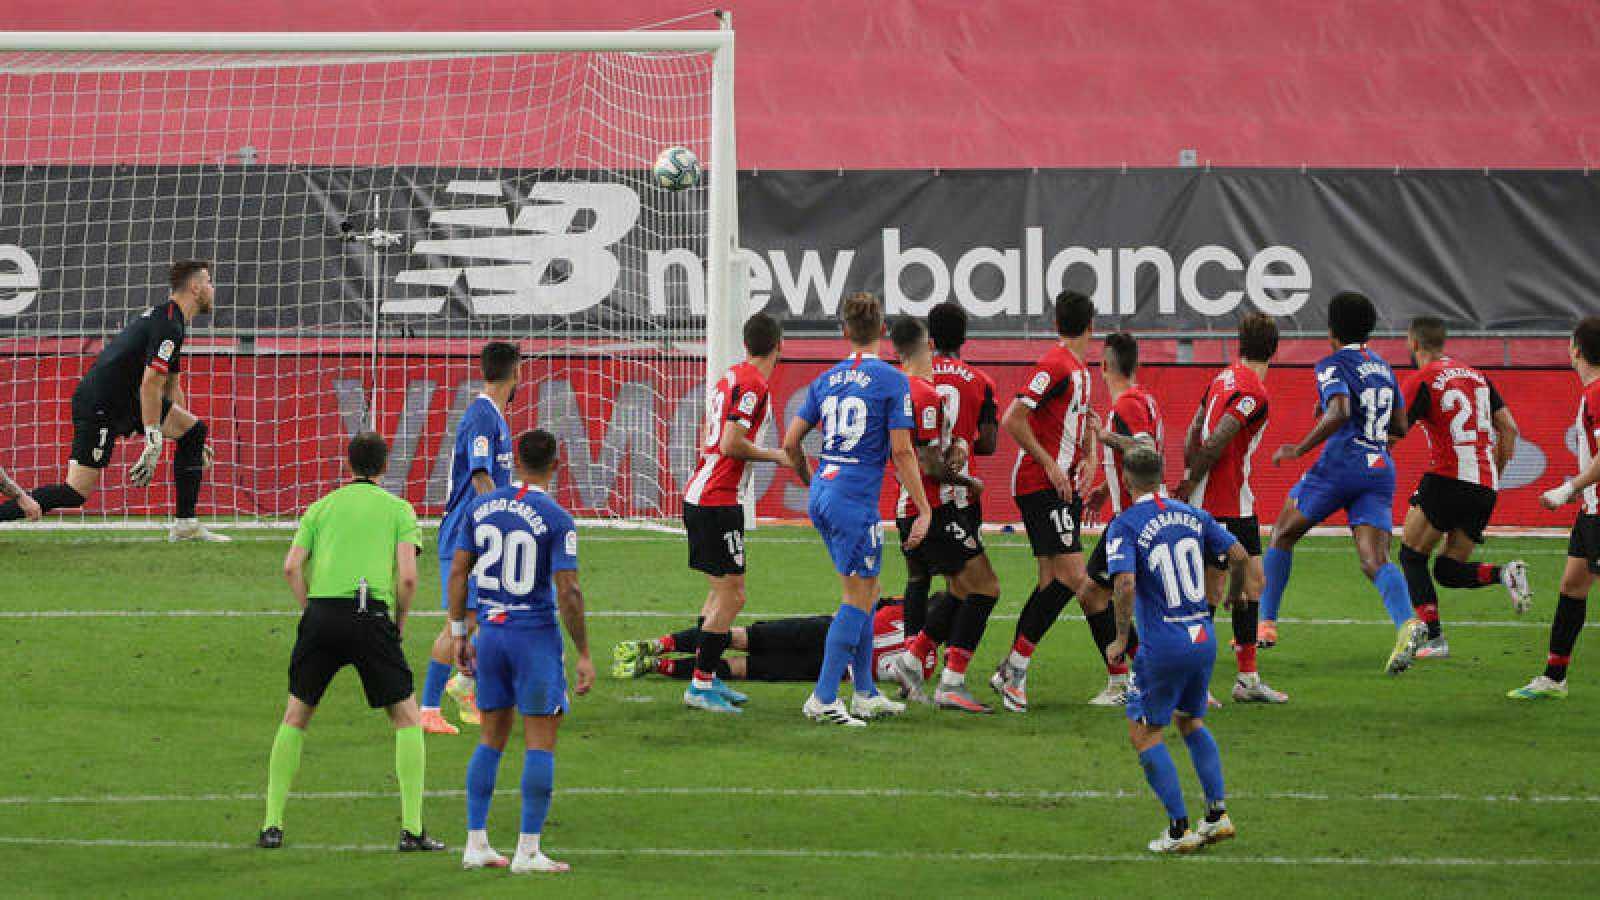 El centrocampista del Sevilla Ever Banega (10) marca de falta el primer gol ante el Athletic, durante el partido de Liga en Primera División disputado en el estadio de San Mamés, en Bilbao.